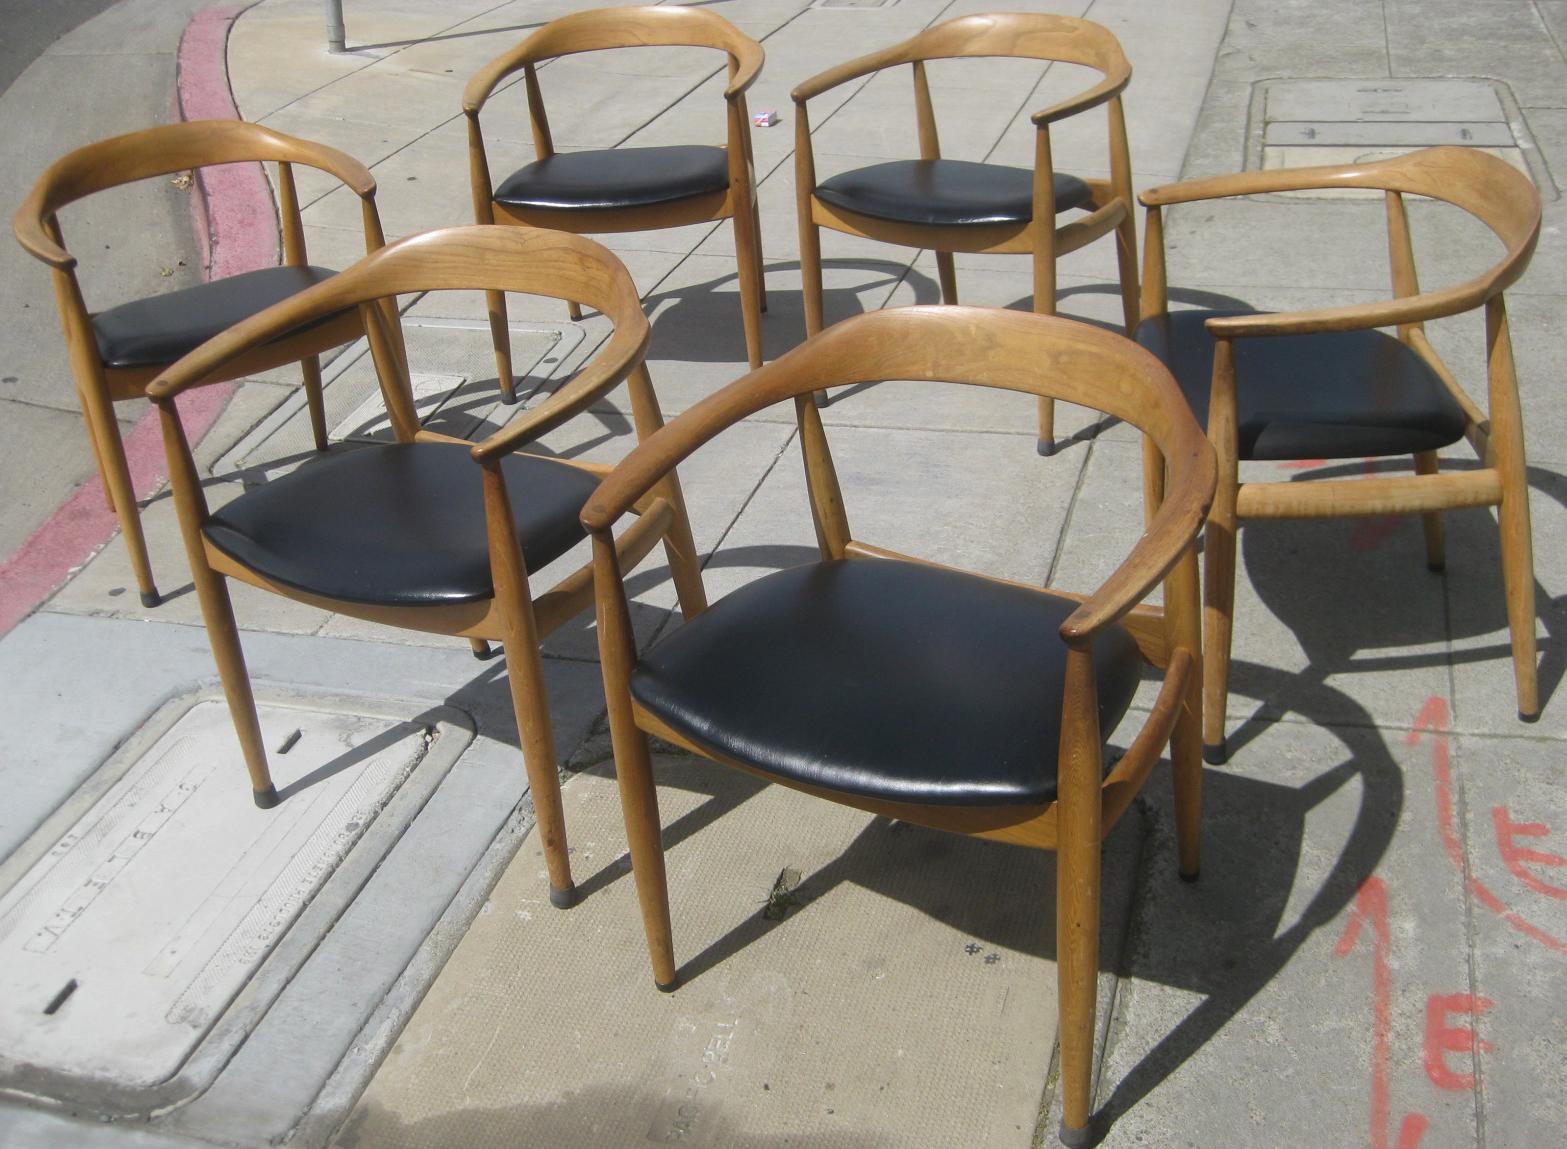 CHAIR DANISH DINING MODERN  Chair Pads  Cushions